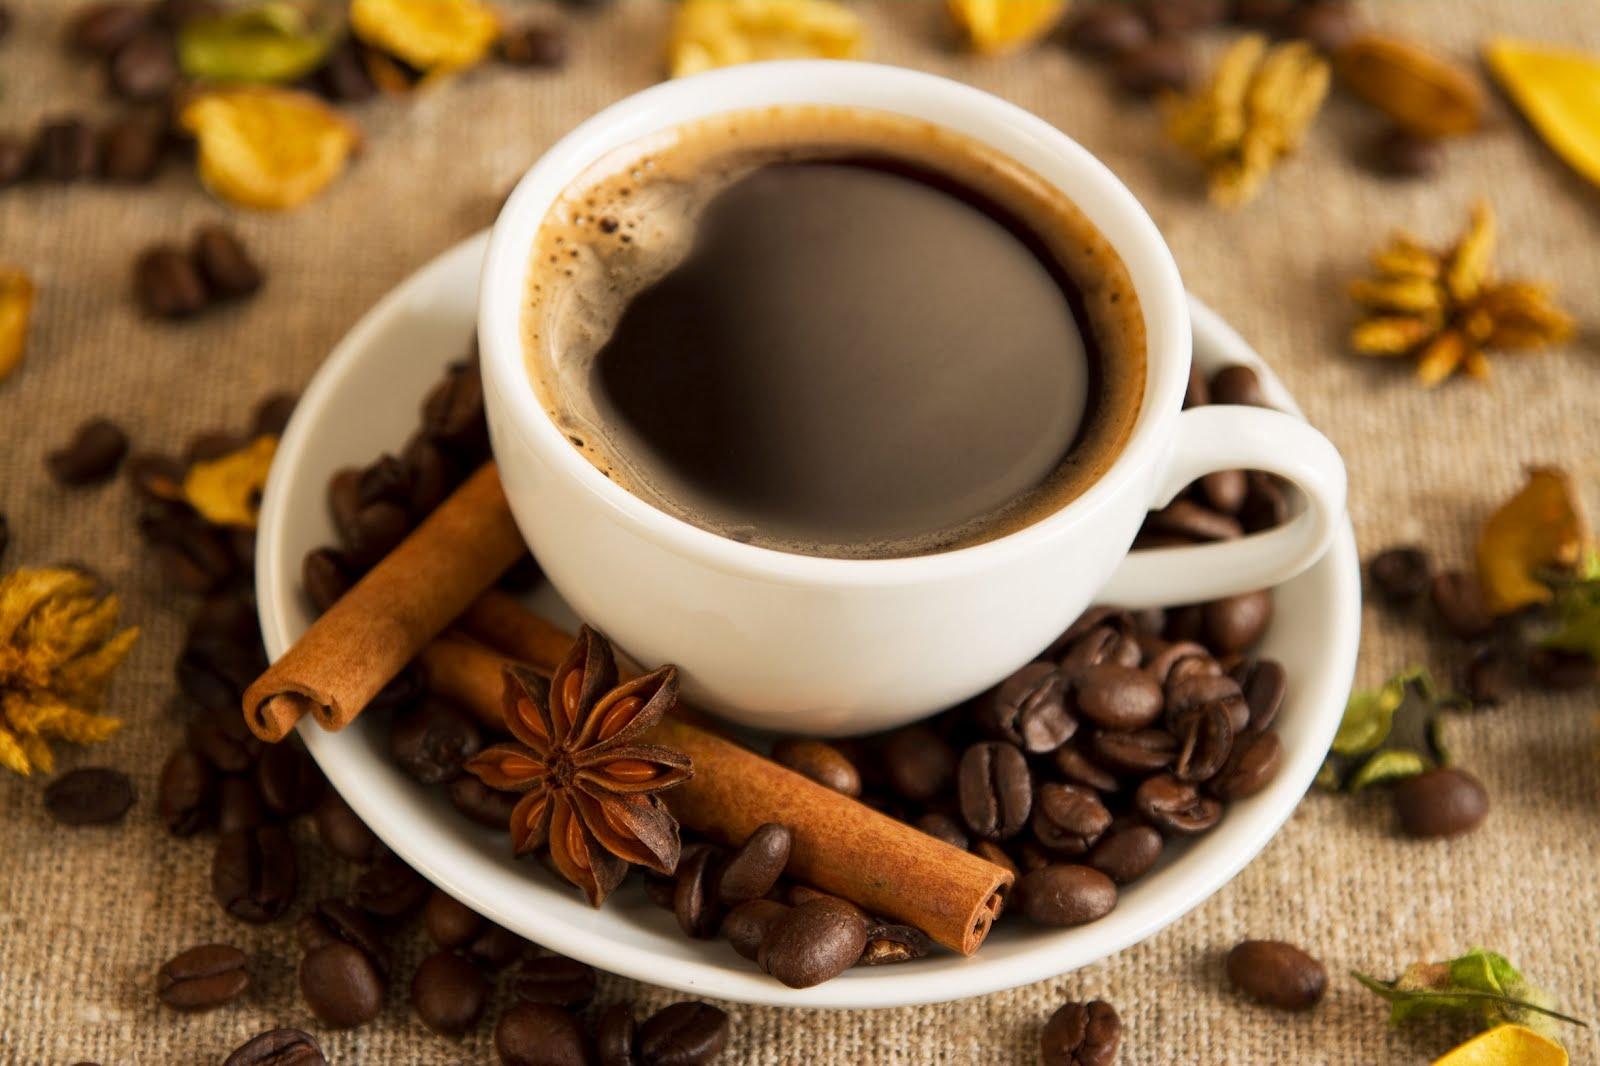 Cà phê nguyên chất giúp xóa thâm mụn trên da hiệu quả